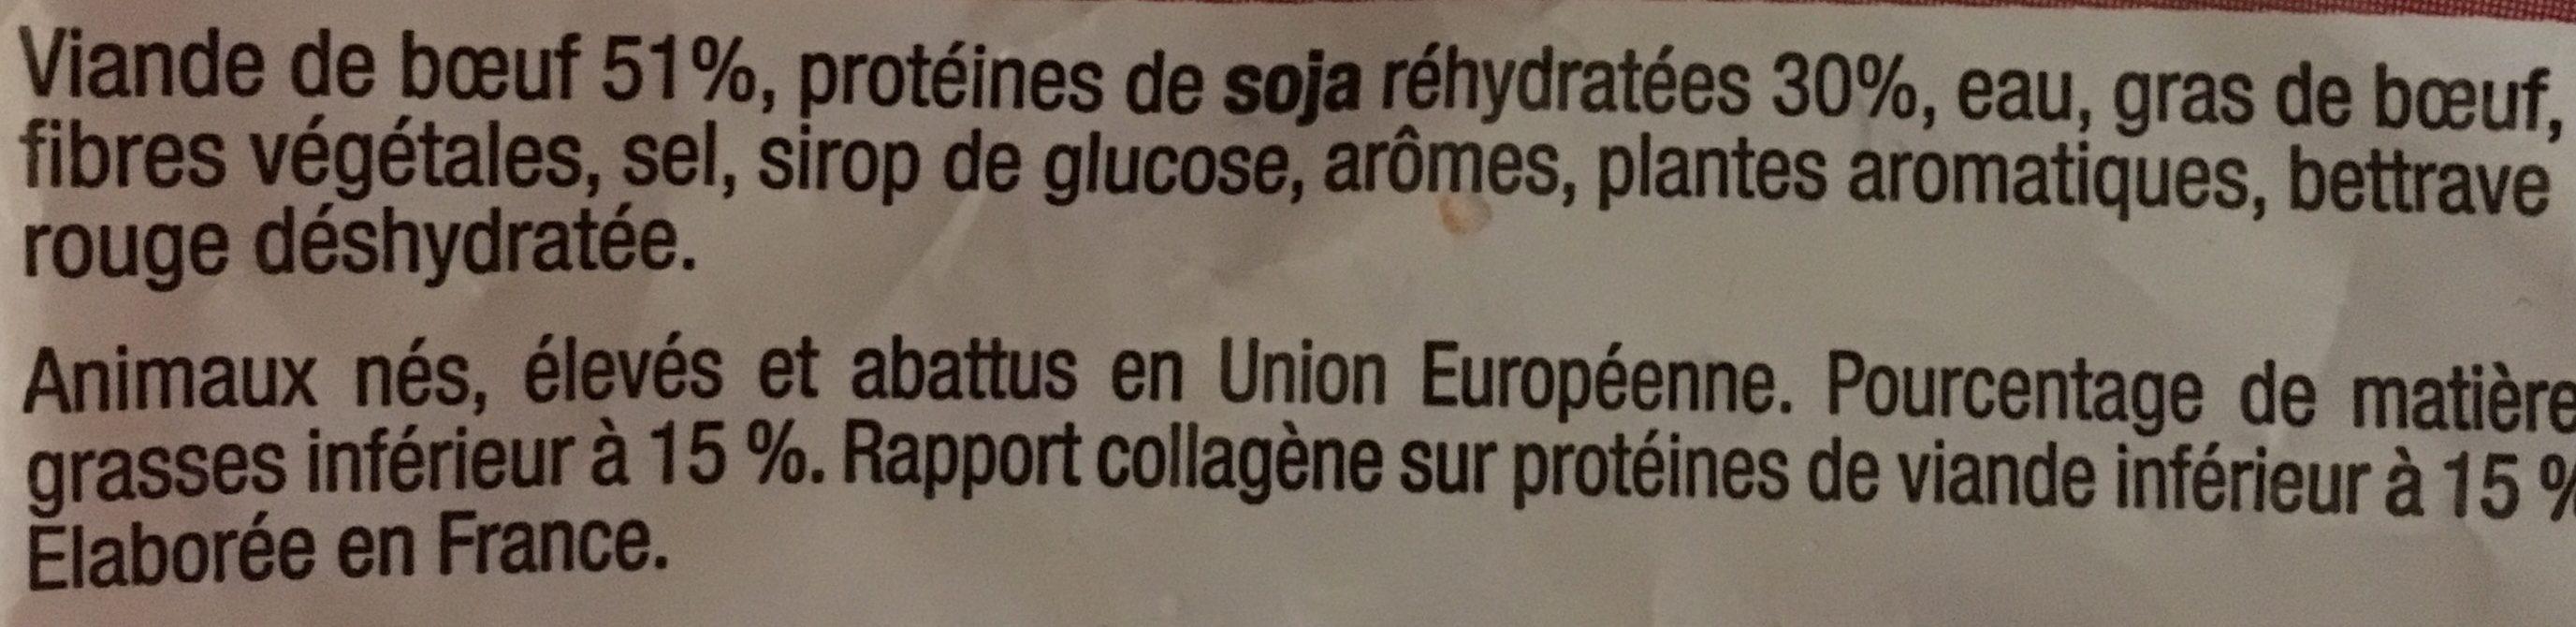 Boulette Abd Boeuf B.vu 30X30G - Ingrédients - fr